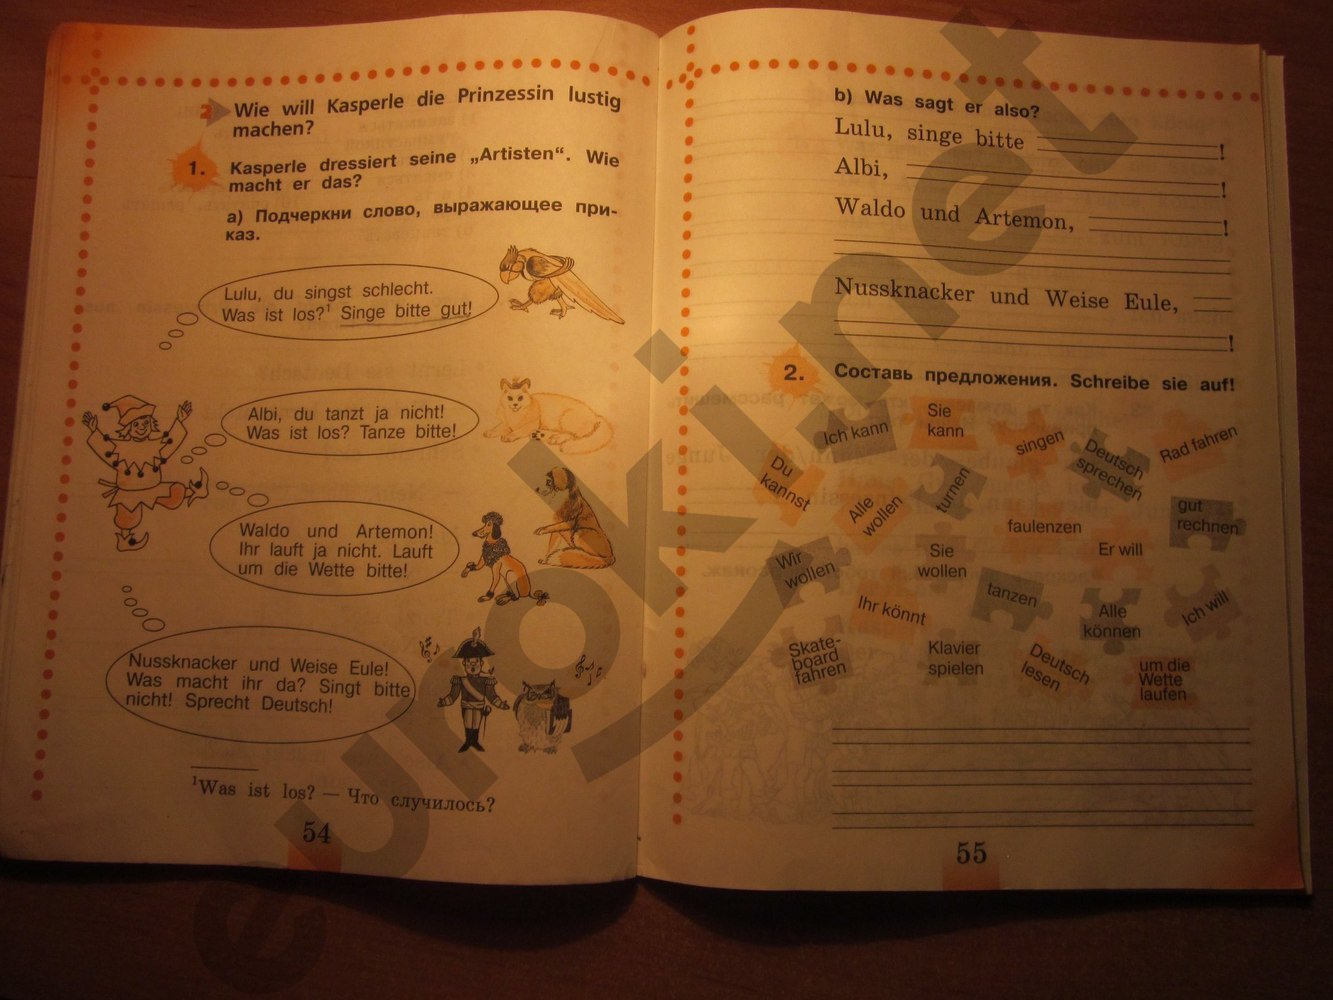 часть класс ответы по 2 2 решебник немецкому языку рабочая тетрадь